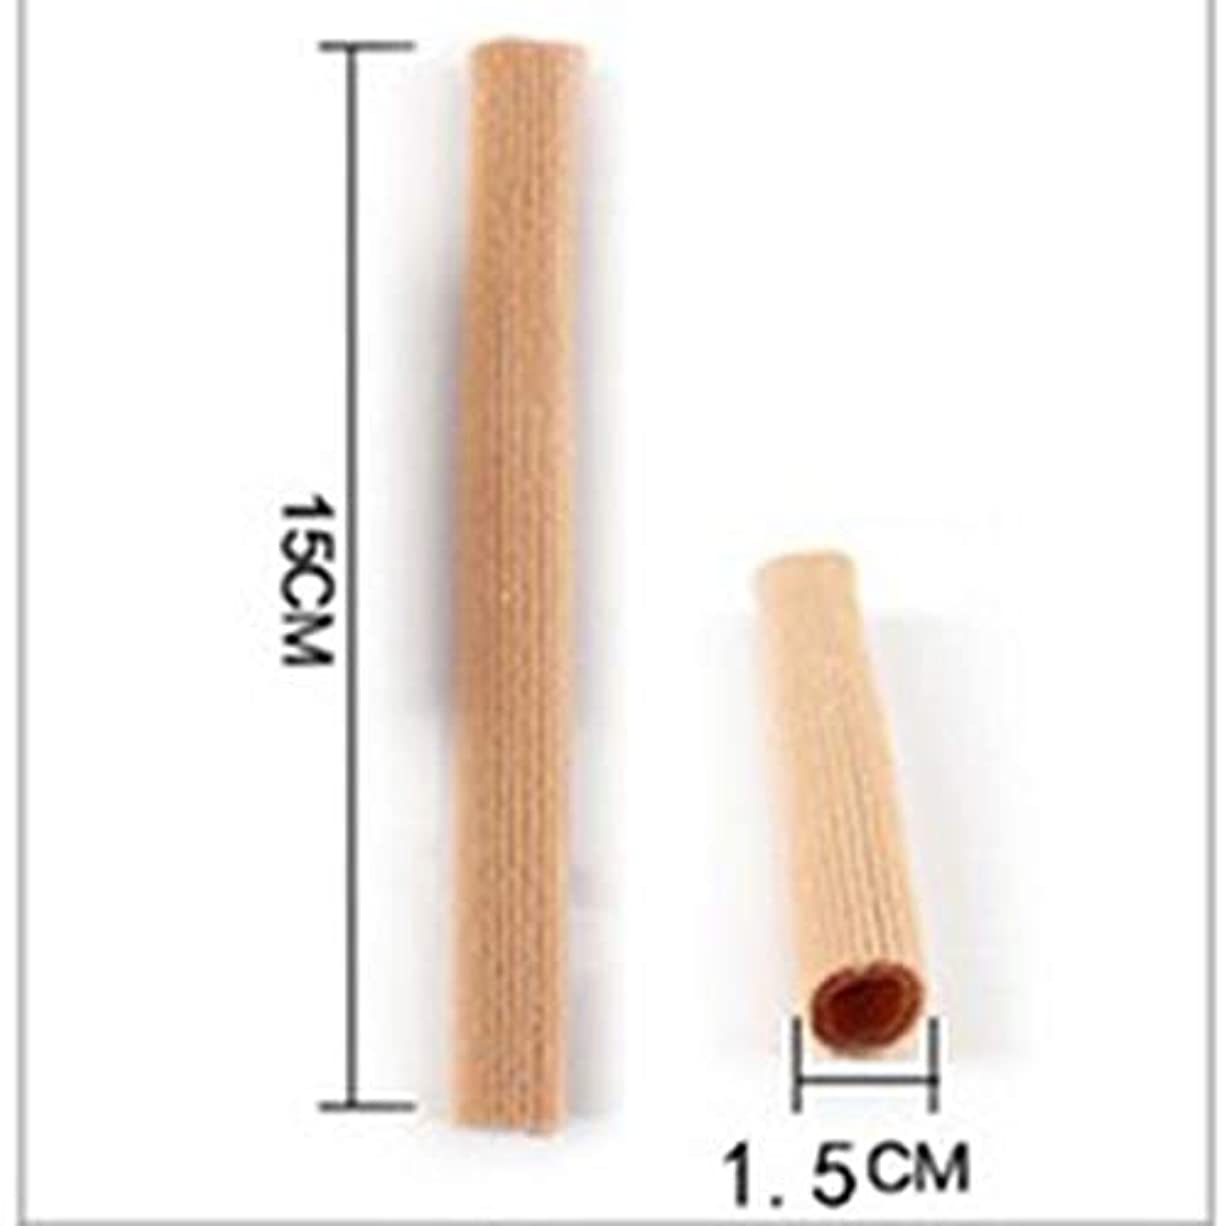 彫る蒸留する圧力Open Toe Tubes Gel Lined Fabric Sleeve Protectors To Prevent Corns, Calluses And Blisters While Softening And...